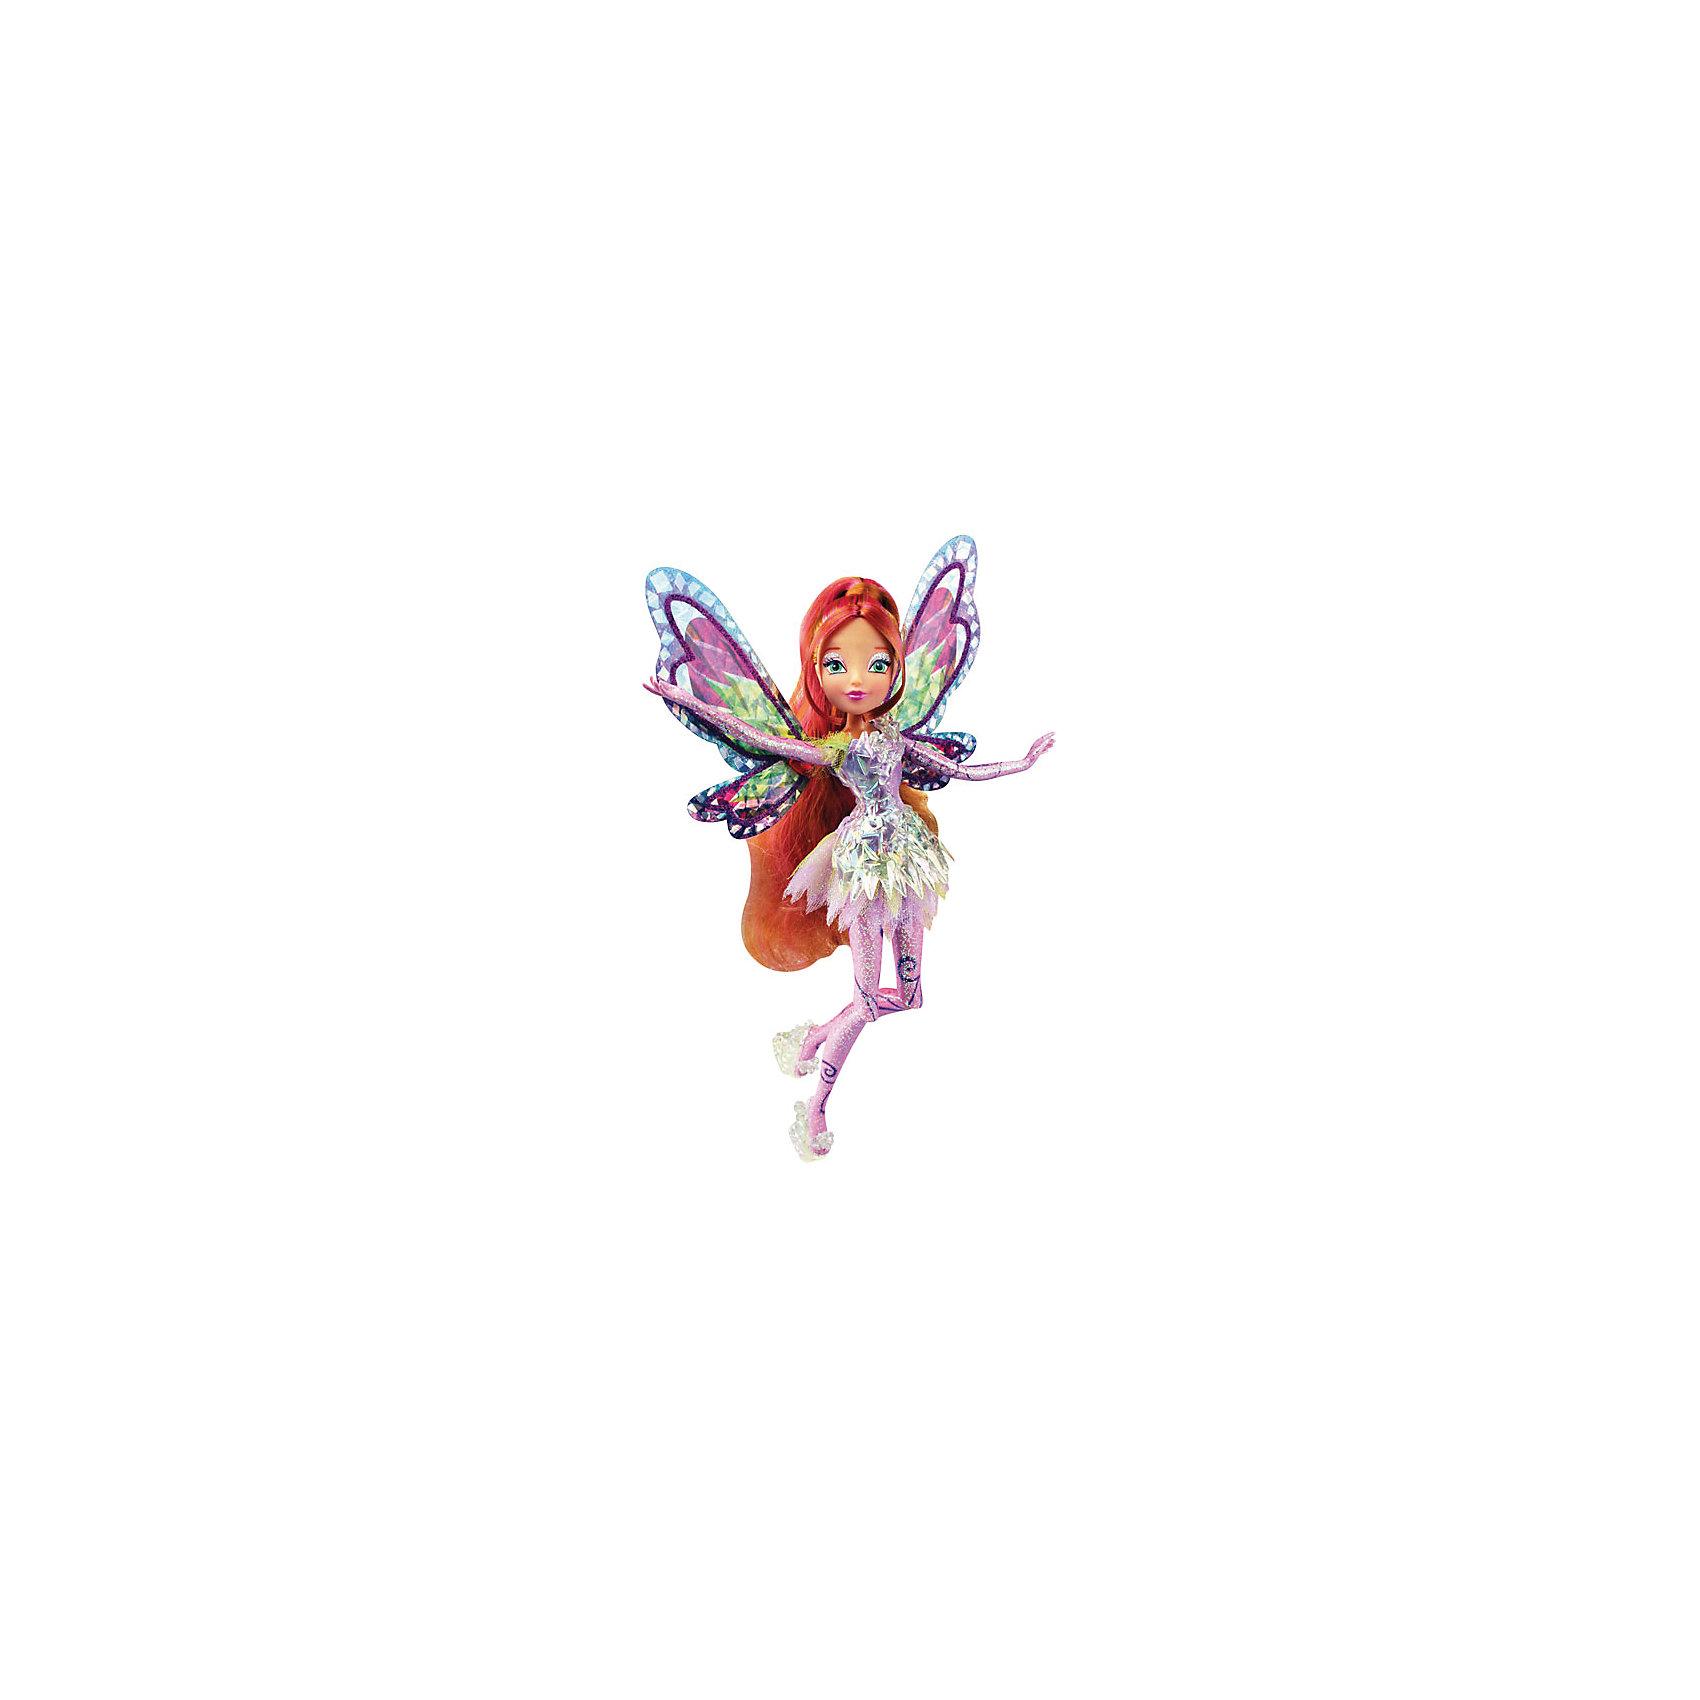 Кукла Флора, Тайникс, Winx ClubБренды кукол<br>Характеристики товара:<br><br>- цвет: разноцветный;<br>- материал: пластик, текстиль;<br>- особенности: руки и ноги сгибаются;<br>- размер упаковки: 25х36х6 см;<br>- размер куклы: 28 см.<br><br>Такие красивые куклы не оставят ребенка равнодушным! Какая девочка откажется поиграть с куклой Winx ?! Игрушка отлично детализирована, очень качественно выполнена, поэтому она станет отличным подарком ребенку. В наборе идут одежда и аксессуары, которыми можно украсить куклу!<br>Изделие произведено из высококачественного материала, безопасного для детей.<br><br>Куклу Флора, Тайникс, от бренда Winx Club можно купить в нашем интернет-магазине.<br><br>Ширина мм: 60<br>Глубина мм: 250<br>Высота мм: 360<br>Вес г: 425<br>Возраст от месяцев: 36<br>Возраст до месяцев: 2147483647<br>Пол: Женский<br>Возраст: Детский<br>SKU: 5047564